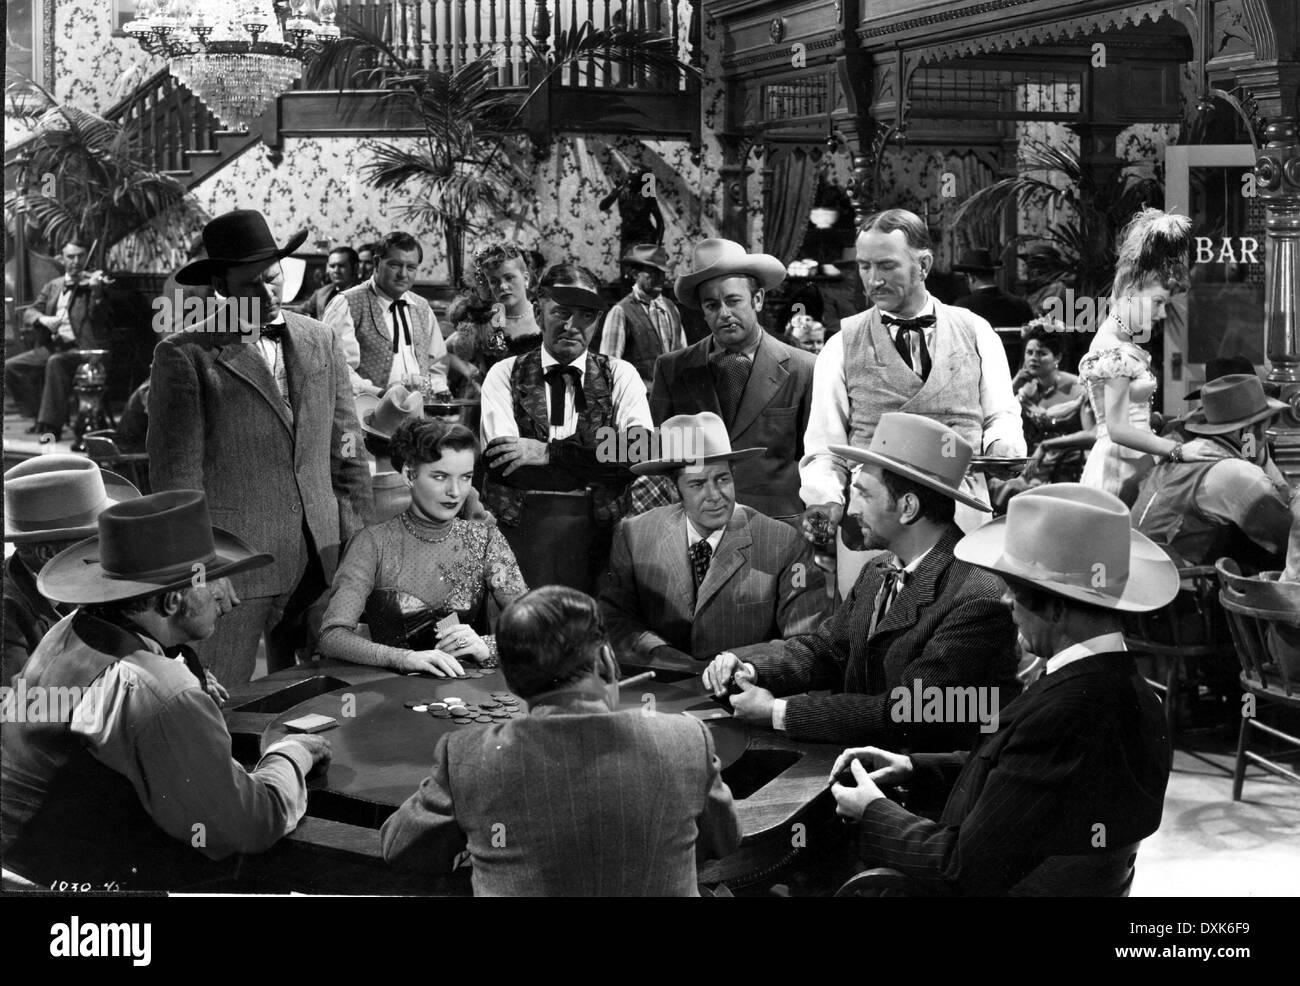 SINGING GUNS (US1950) GAMBLING POKER CARD GAME SALOON - Stock Image